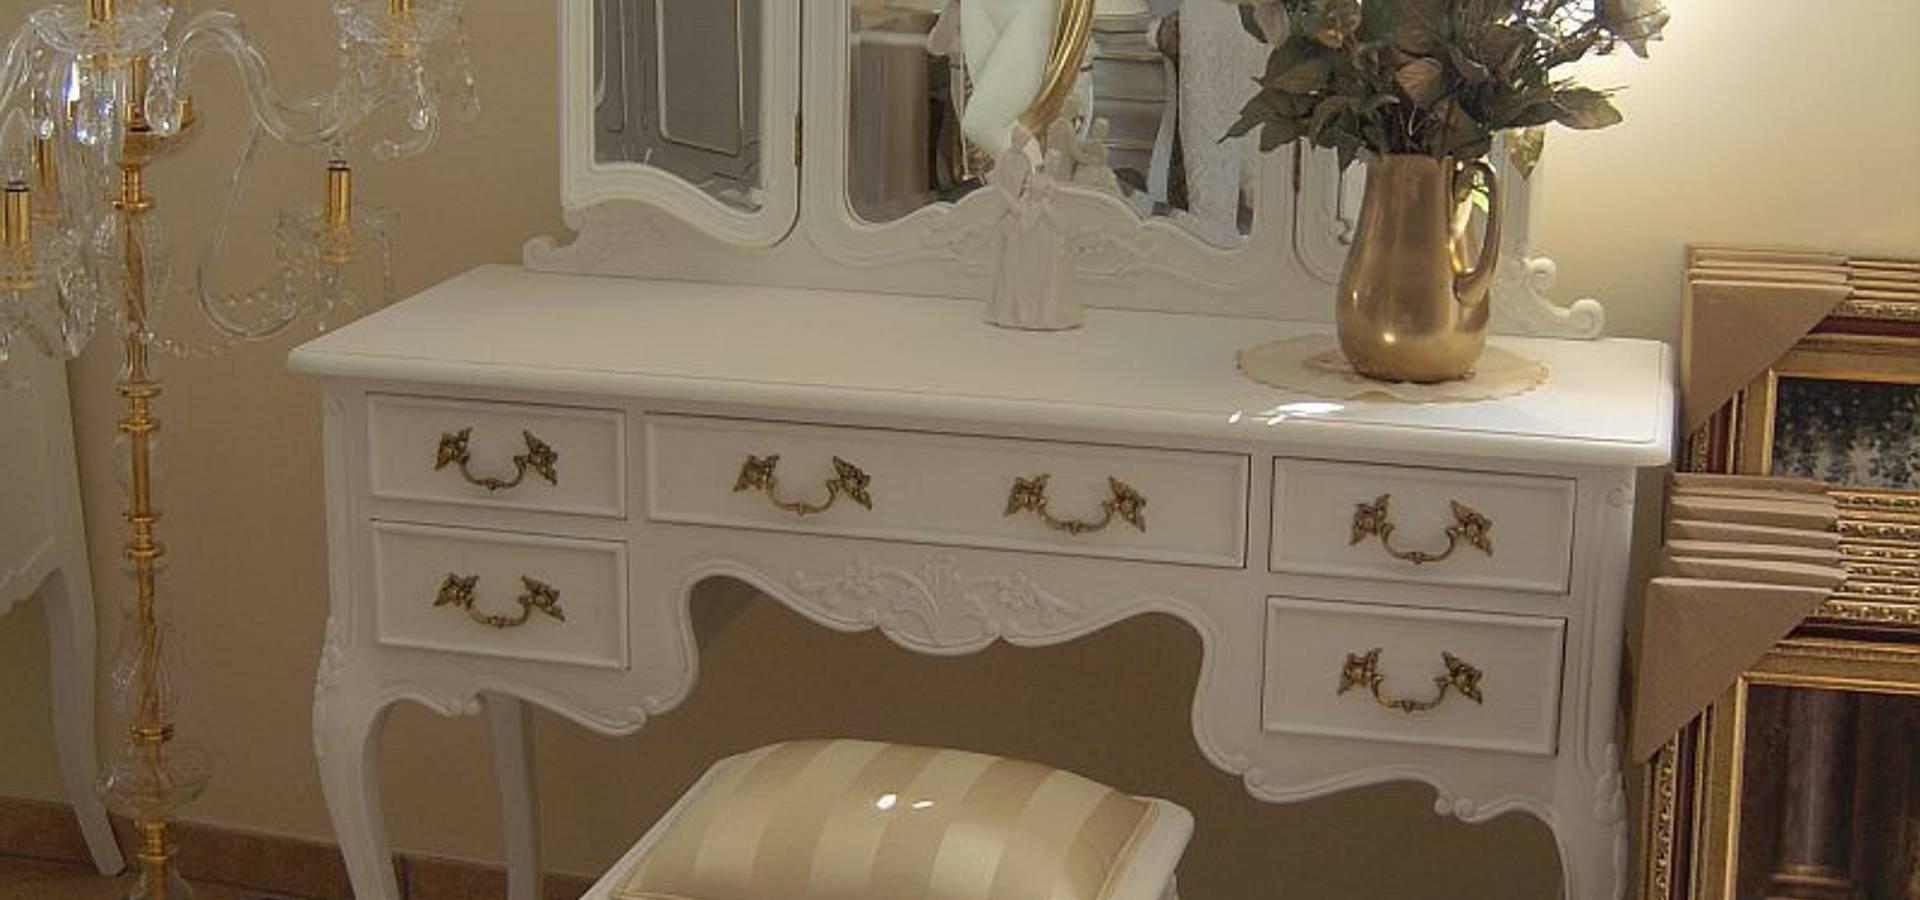 repro antik design gmbh co kg online shops in. Black Bedroom Furniture Sets. Home Design Ideas